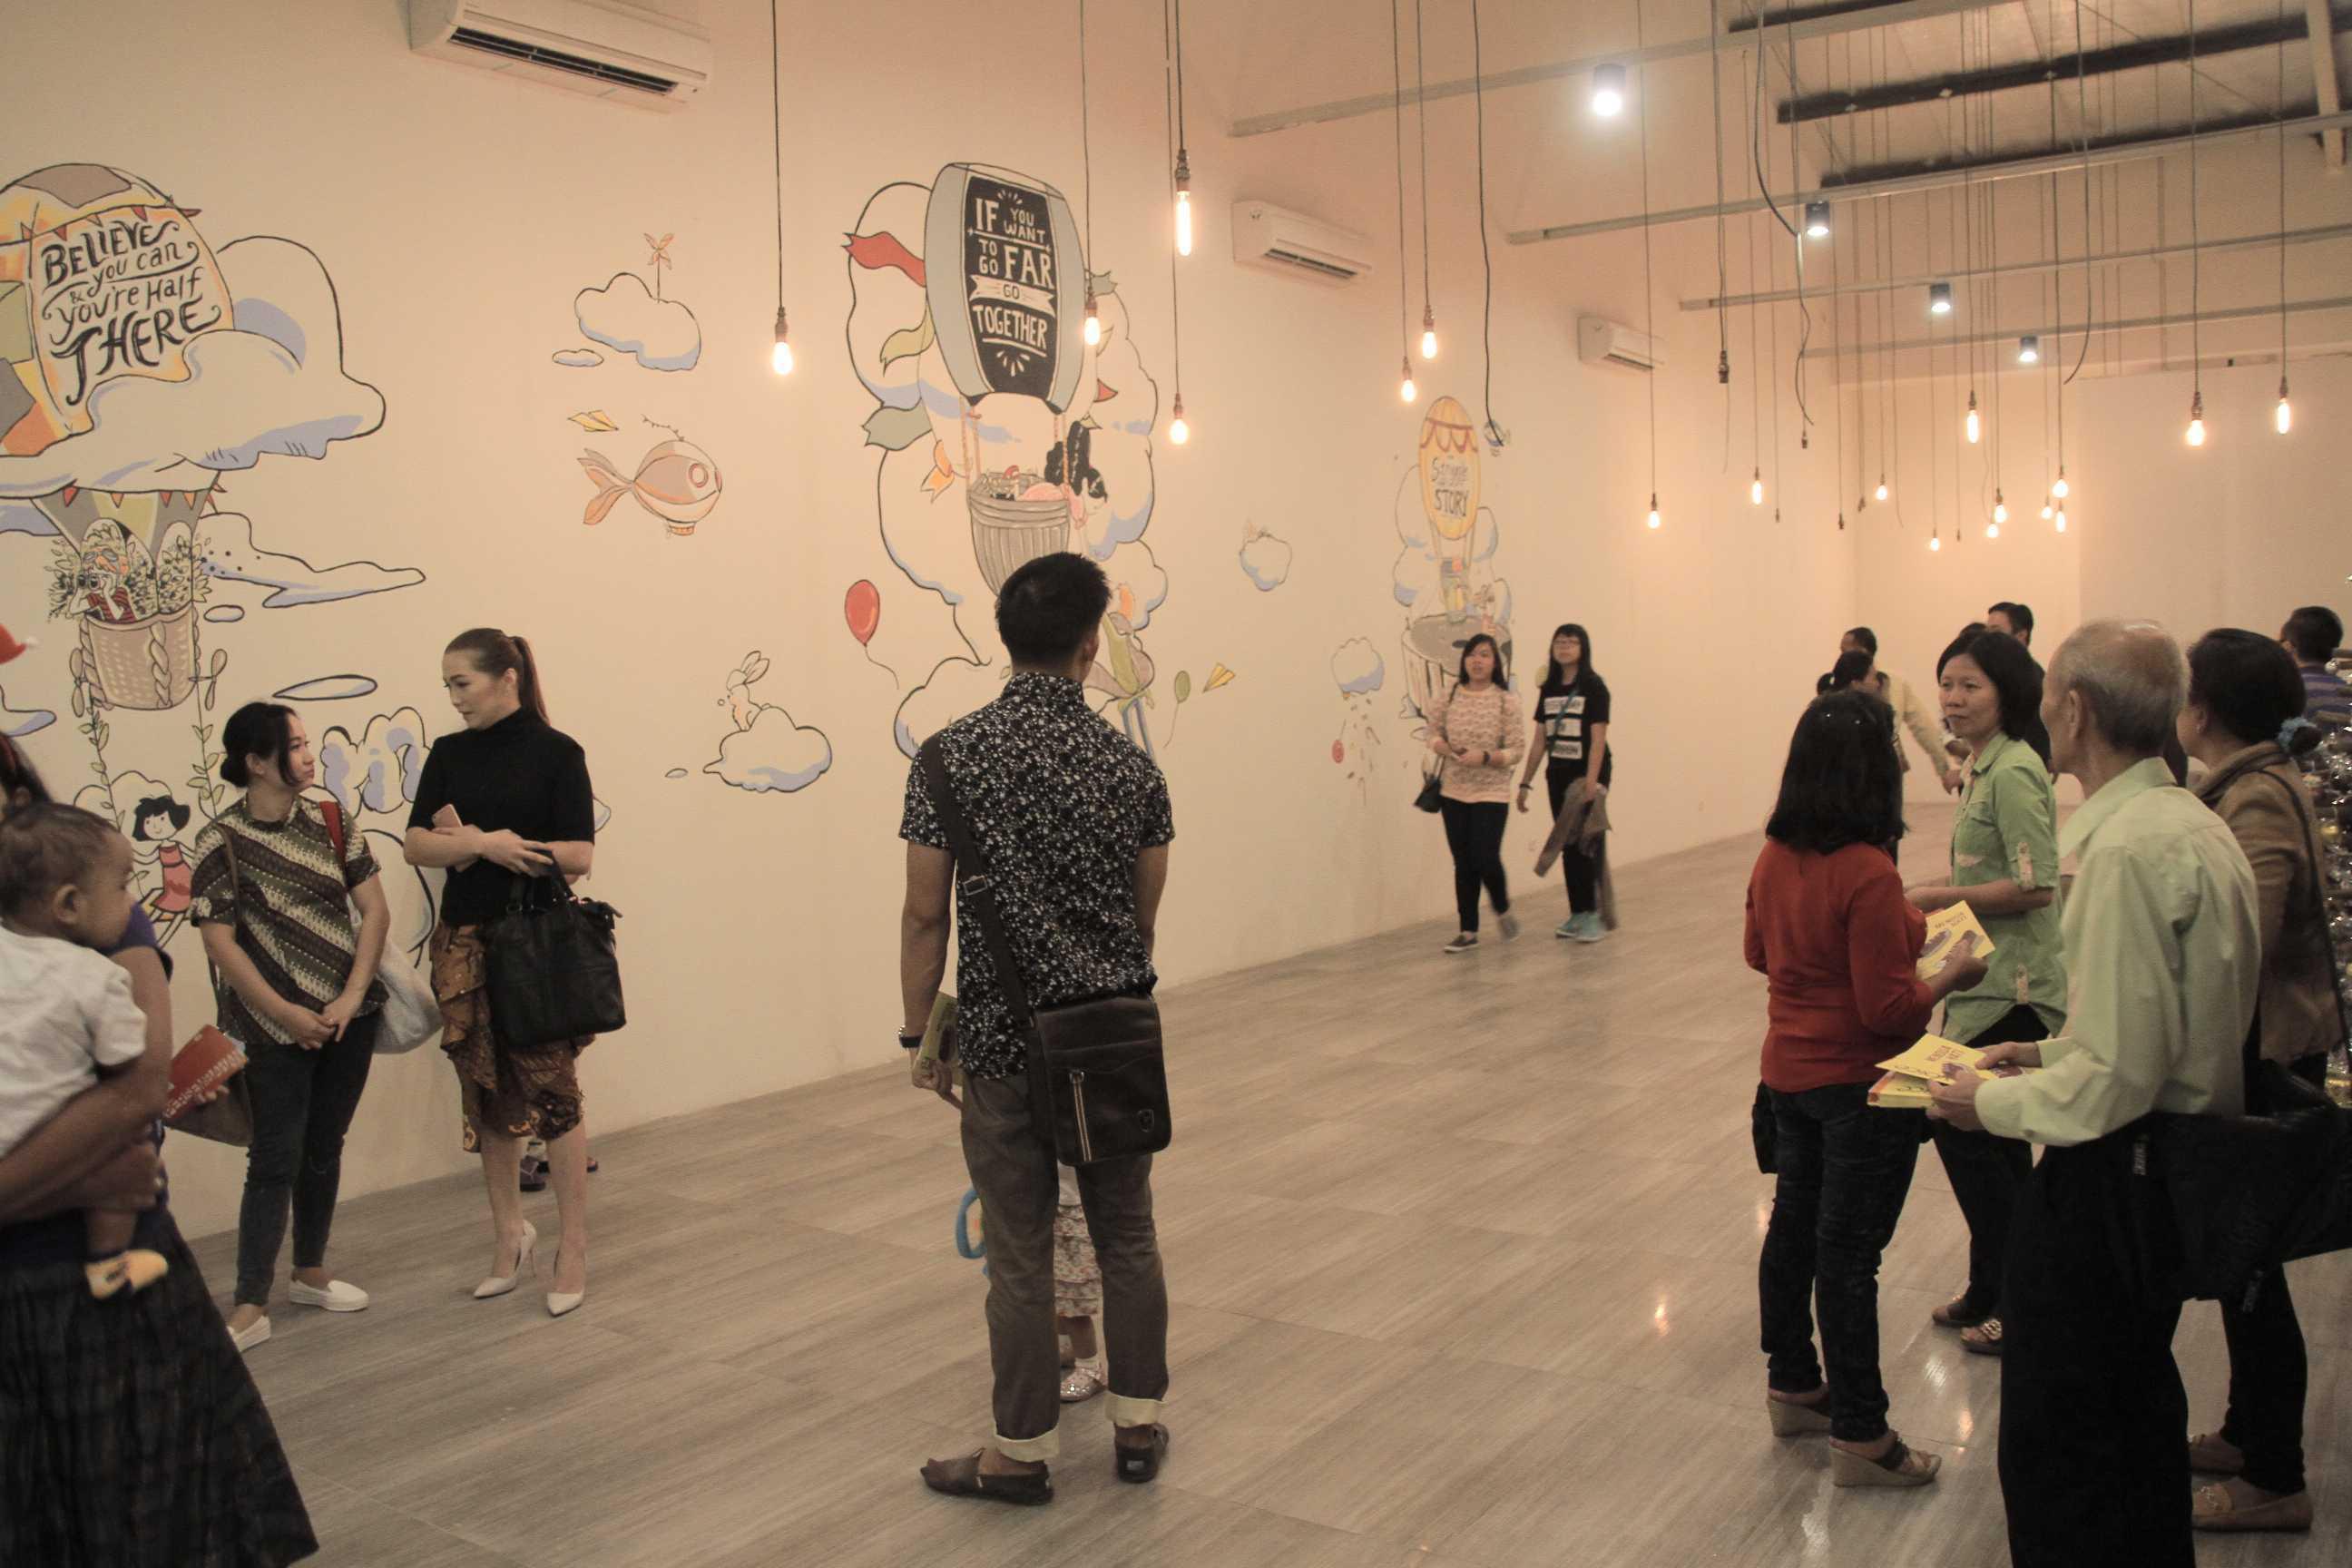 Inches Design Gms Cirebon Cietos Mall, Cirebon Cietos Mall, Cirebon Img0379   21200